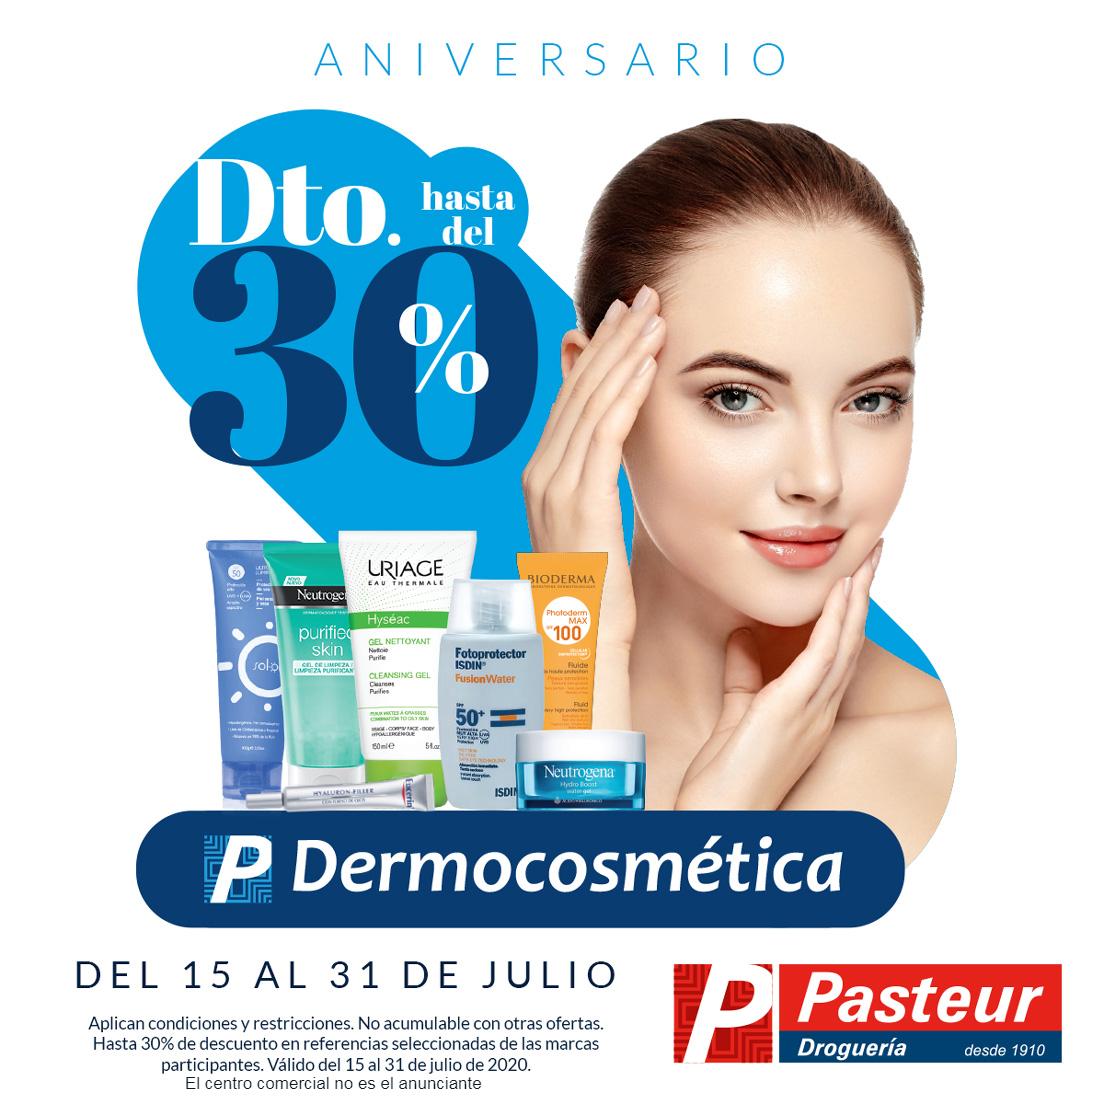 En el aniversario #Dermocosmetica Pasteur ¡Disfruta hasta 30% de descuento! En referencias seleccionadas de tus marcas favoritas para el cuidado de la piel.*Válido del 15 al 31 de julio de 2020.Disponible en tu farmacia más cercana, servicio a domicilio y en página web.